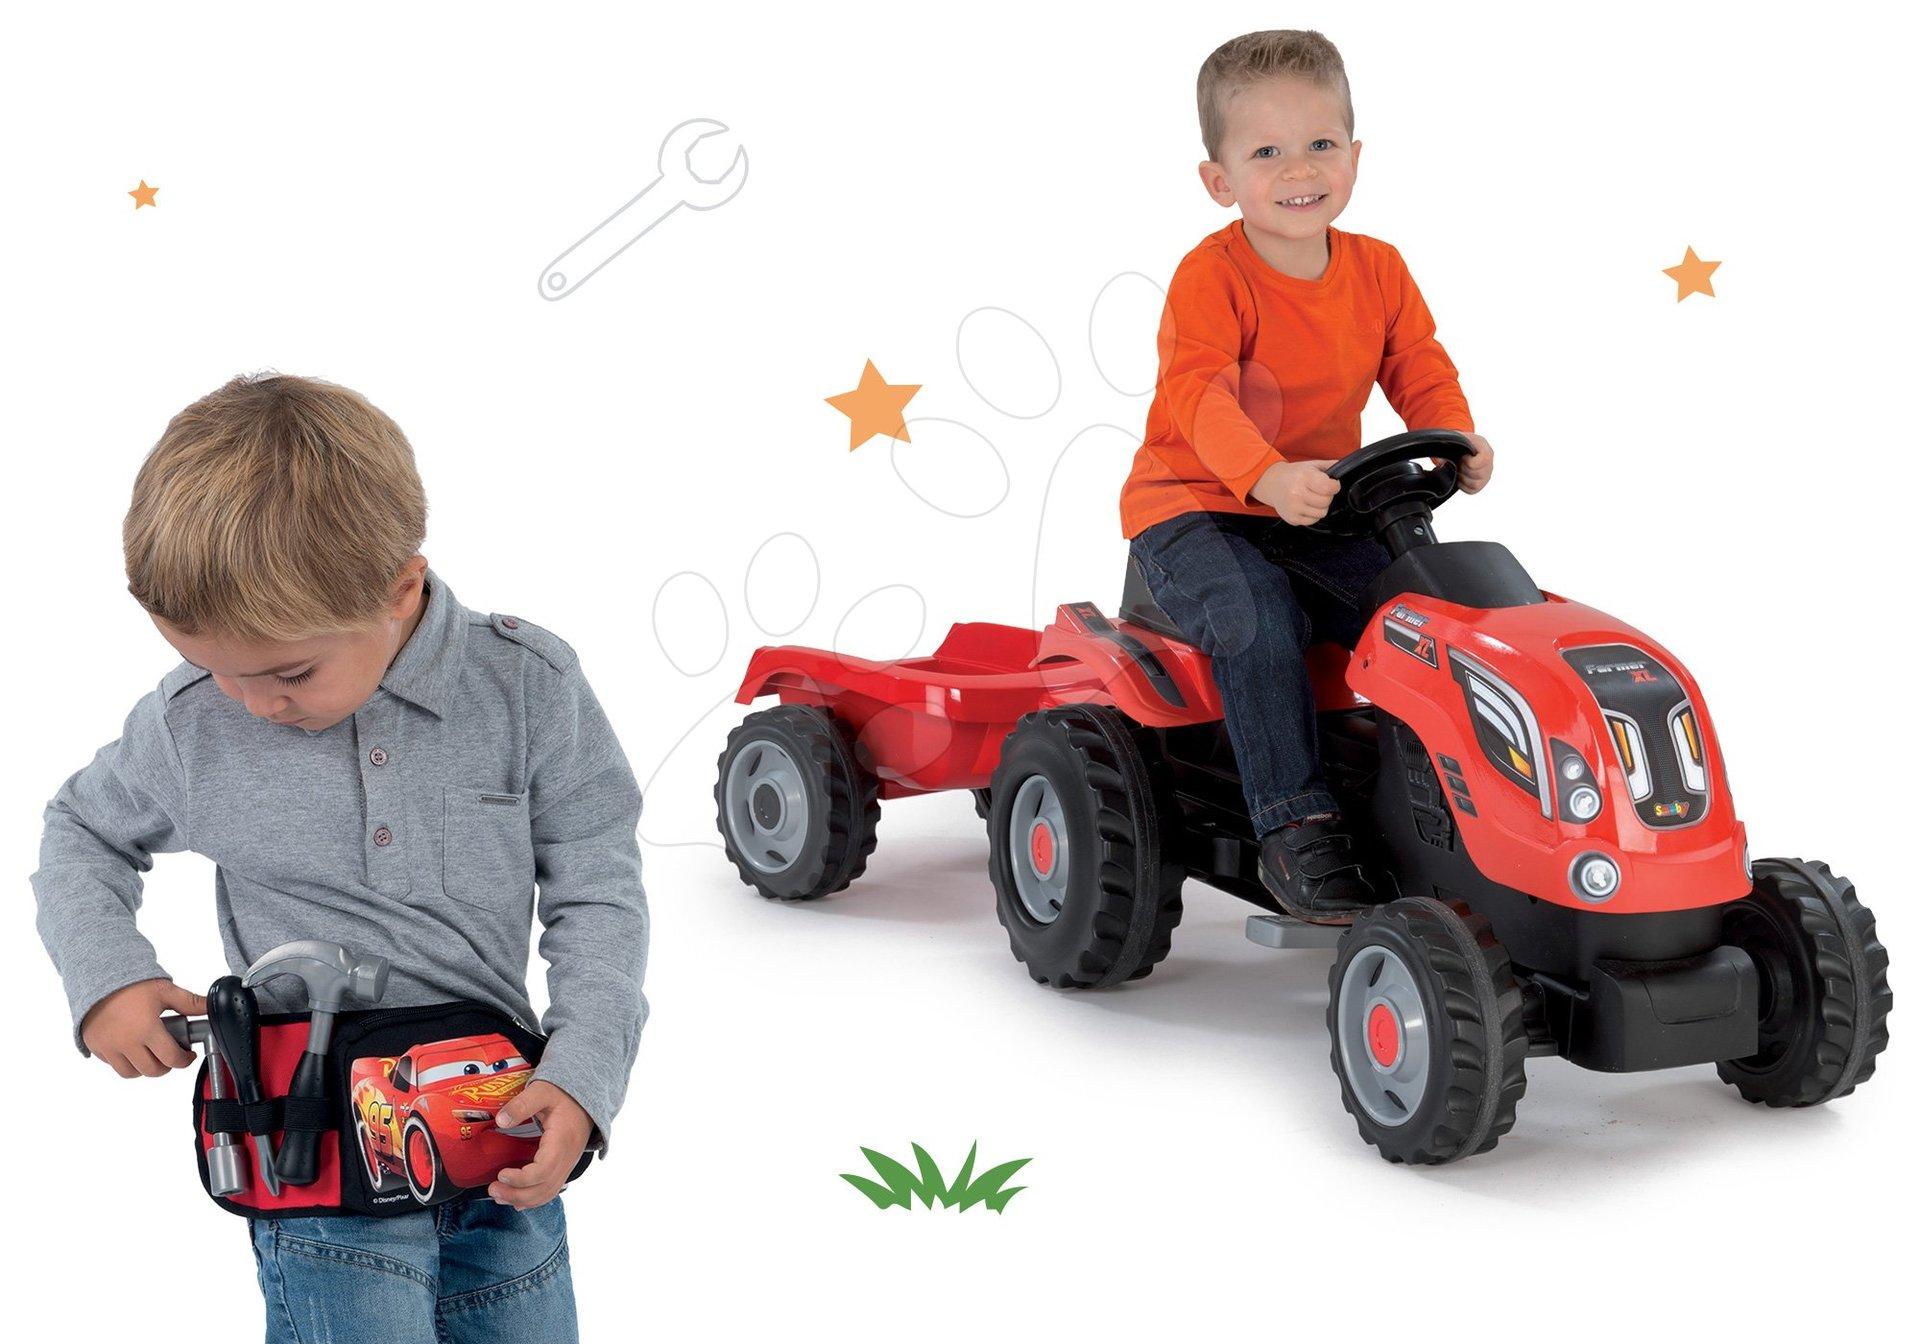 Komplet traktor na pedale Farmer XL Smoby in pas Avtomobili 3 z orodjem in žepom na zadrgo za darilo